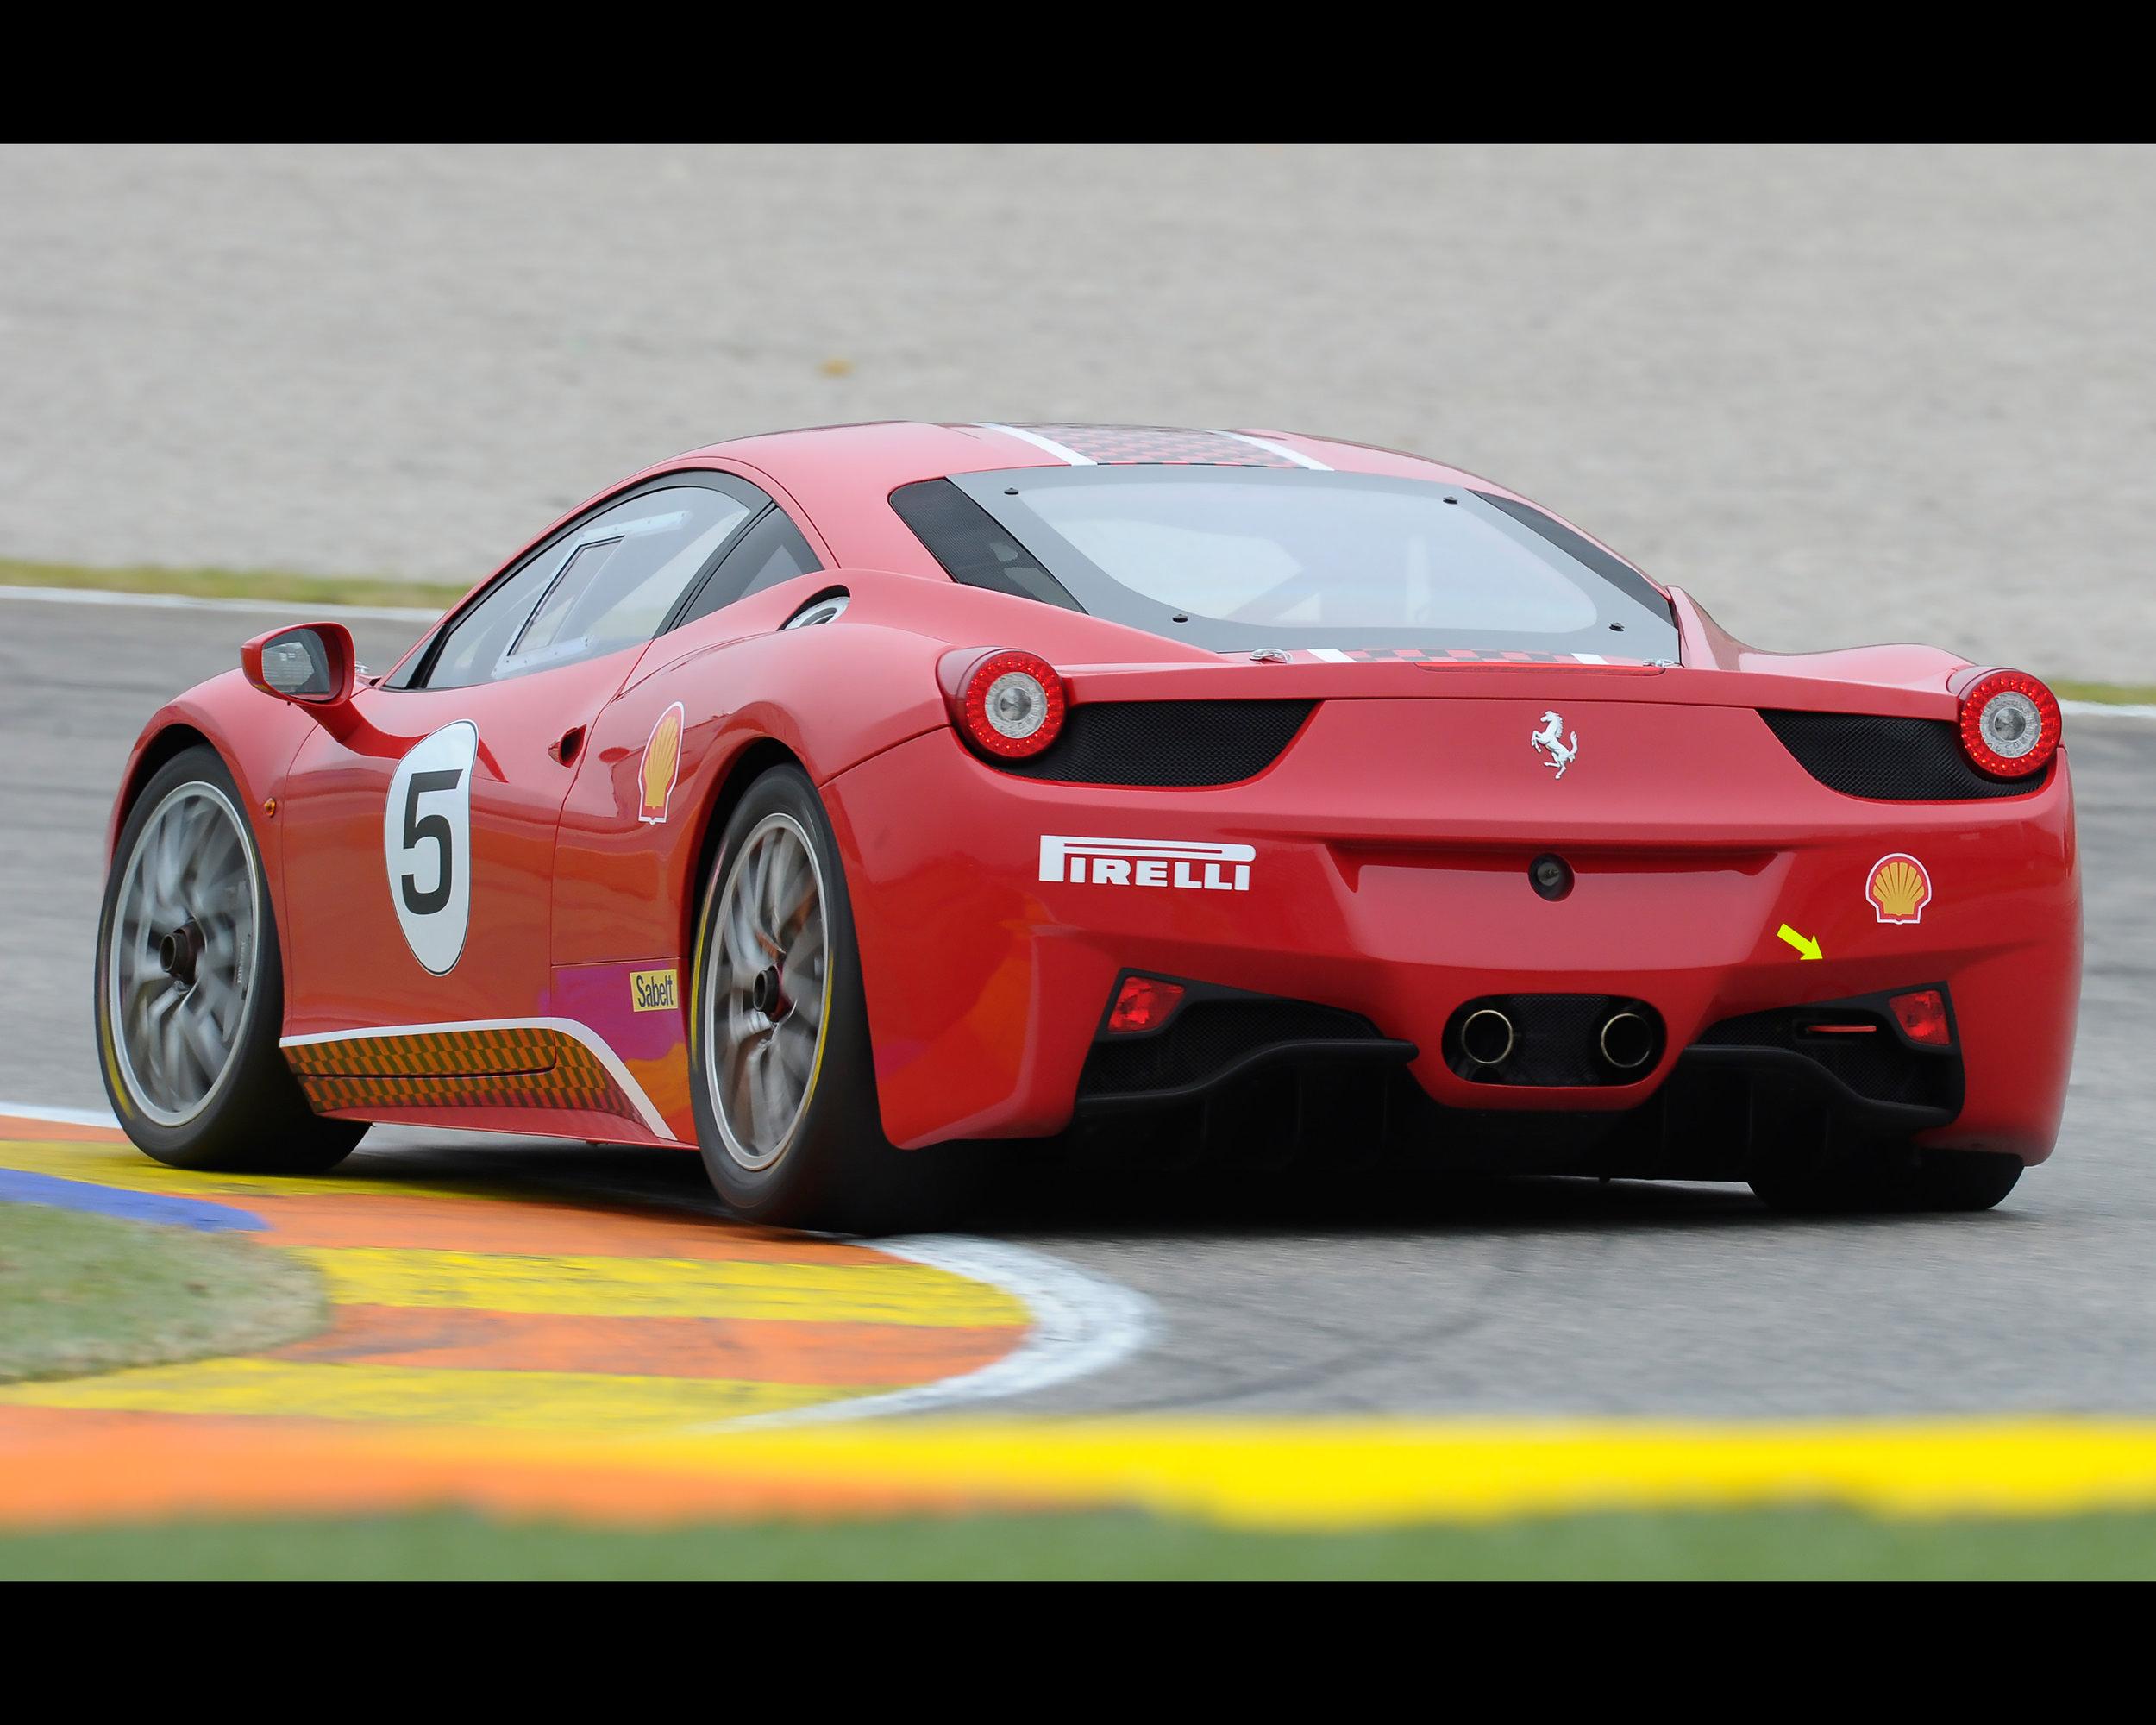 ferrari-458-challenge-02.jpg